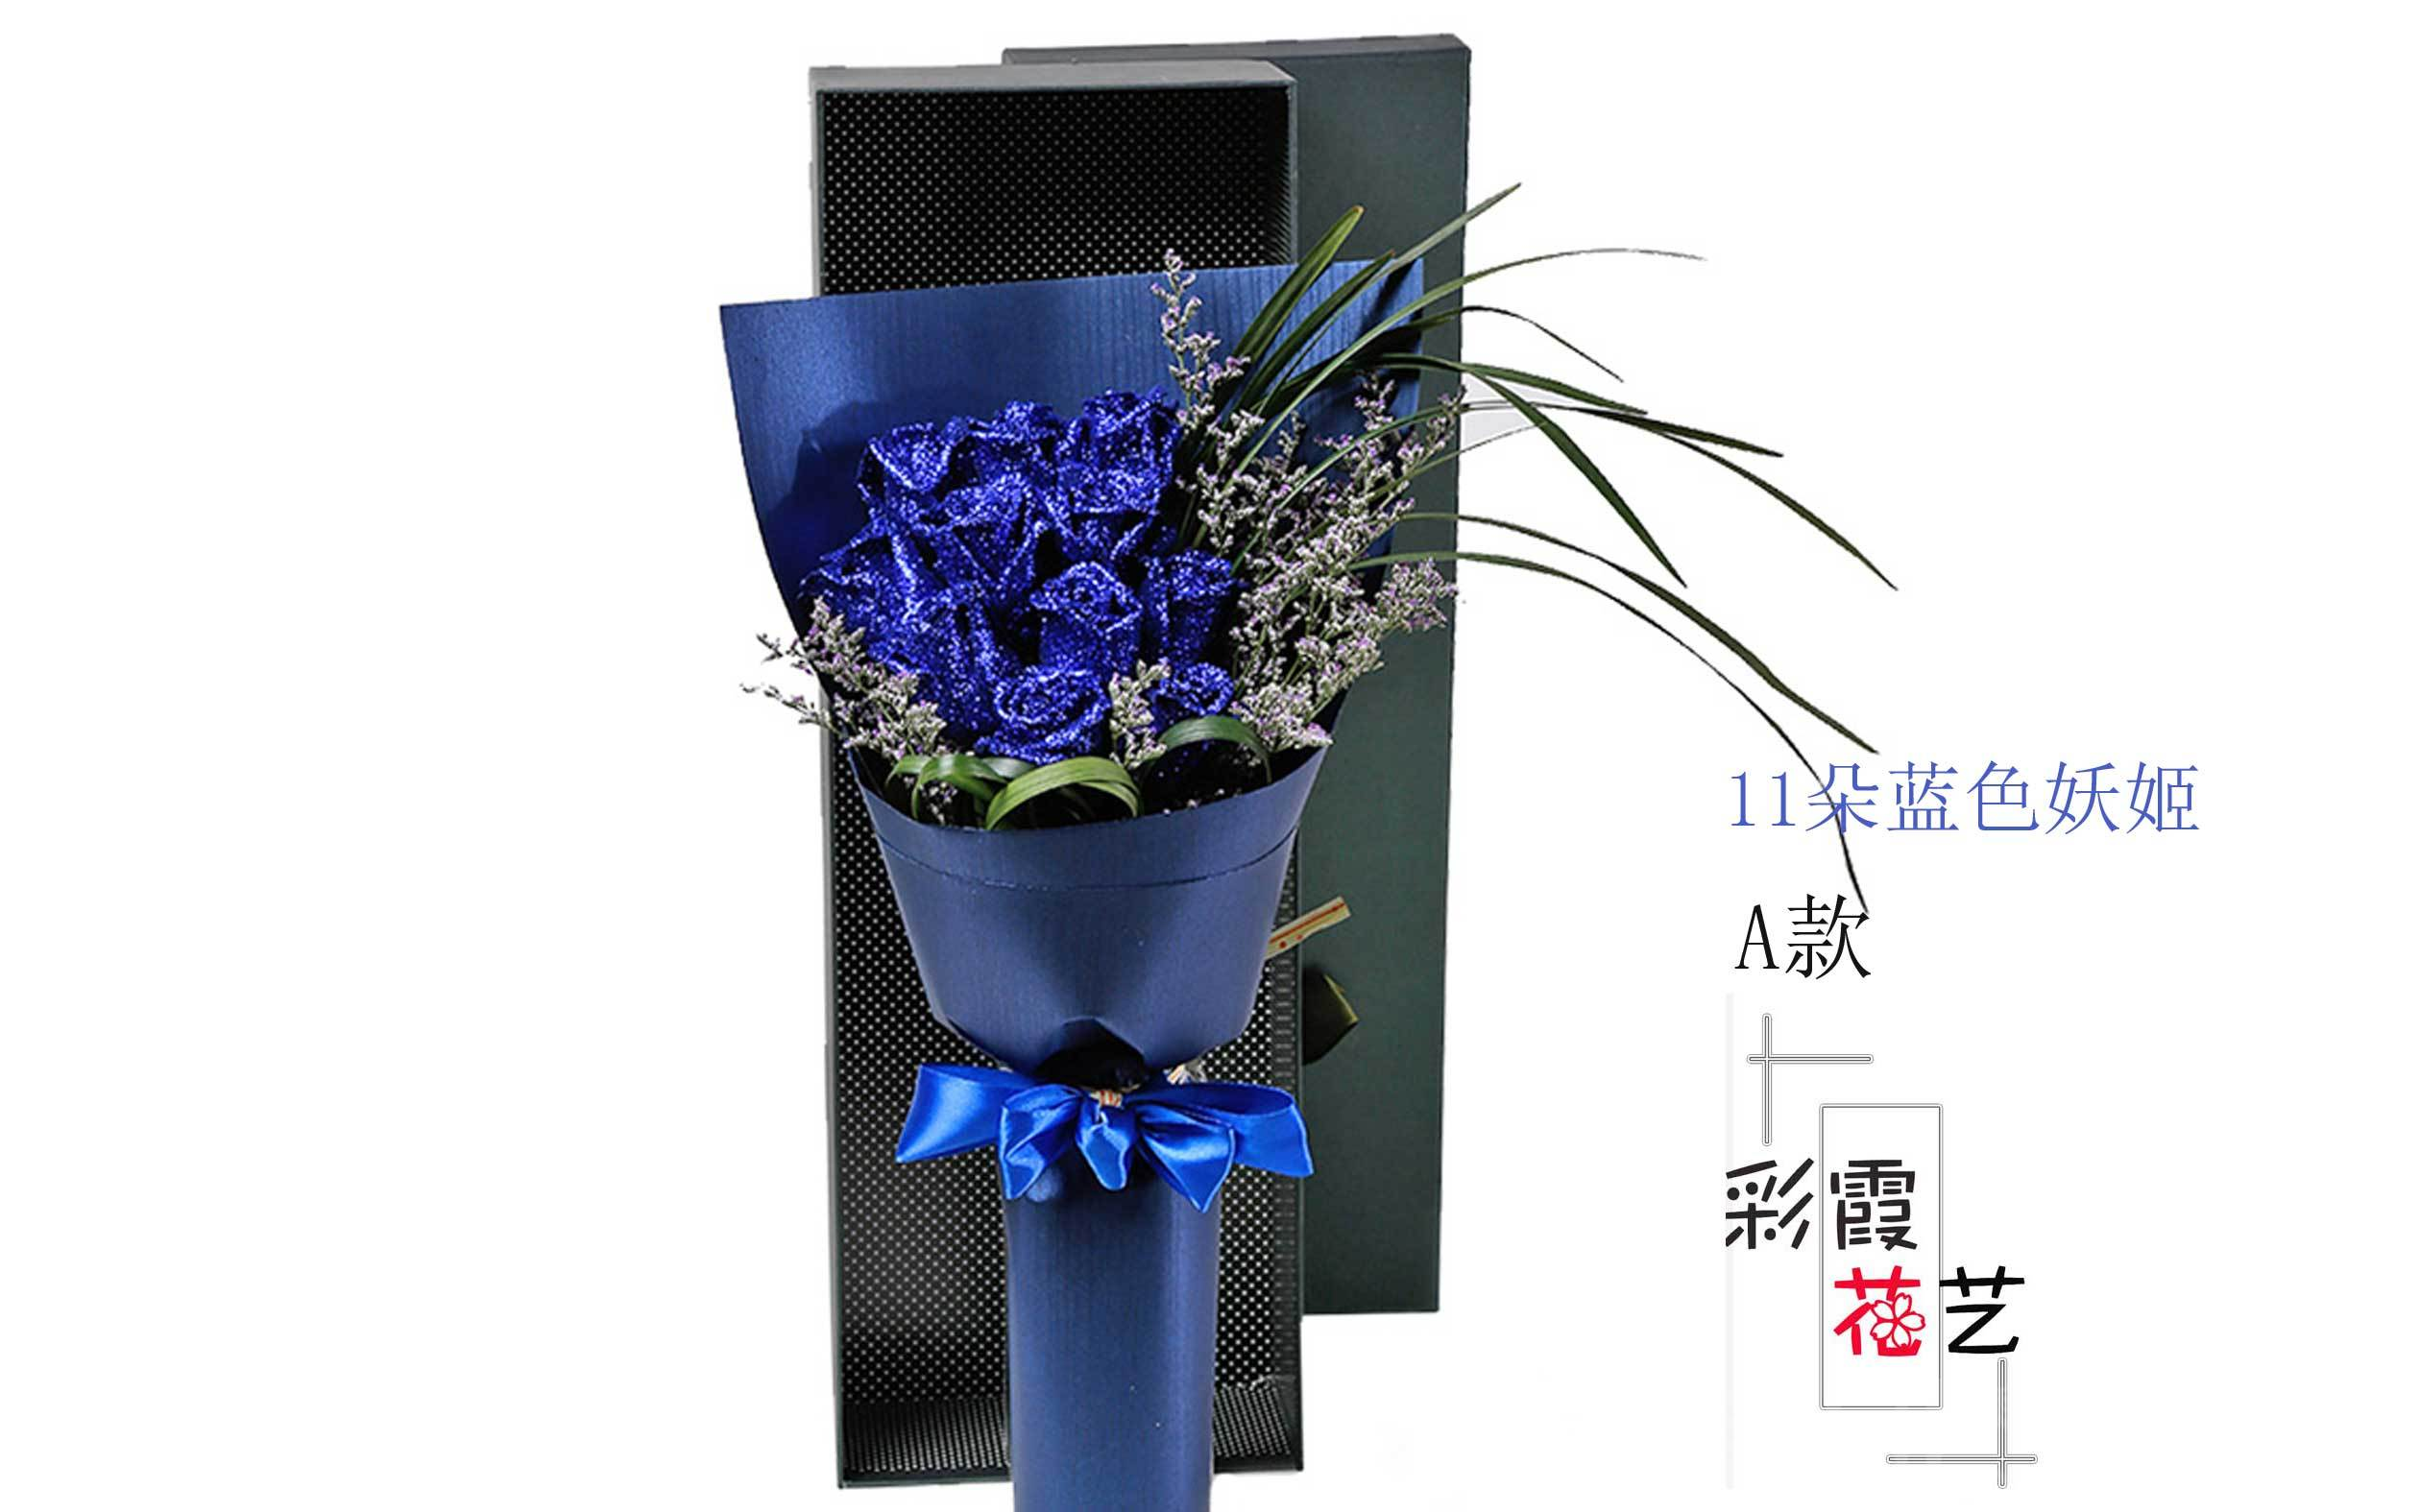 彩霞花艺鲜花店(体育西路店)-美团